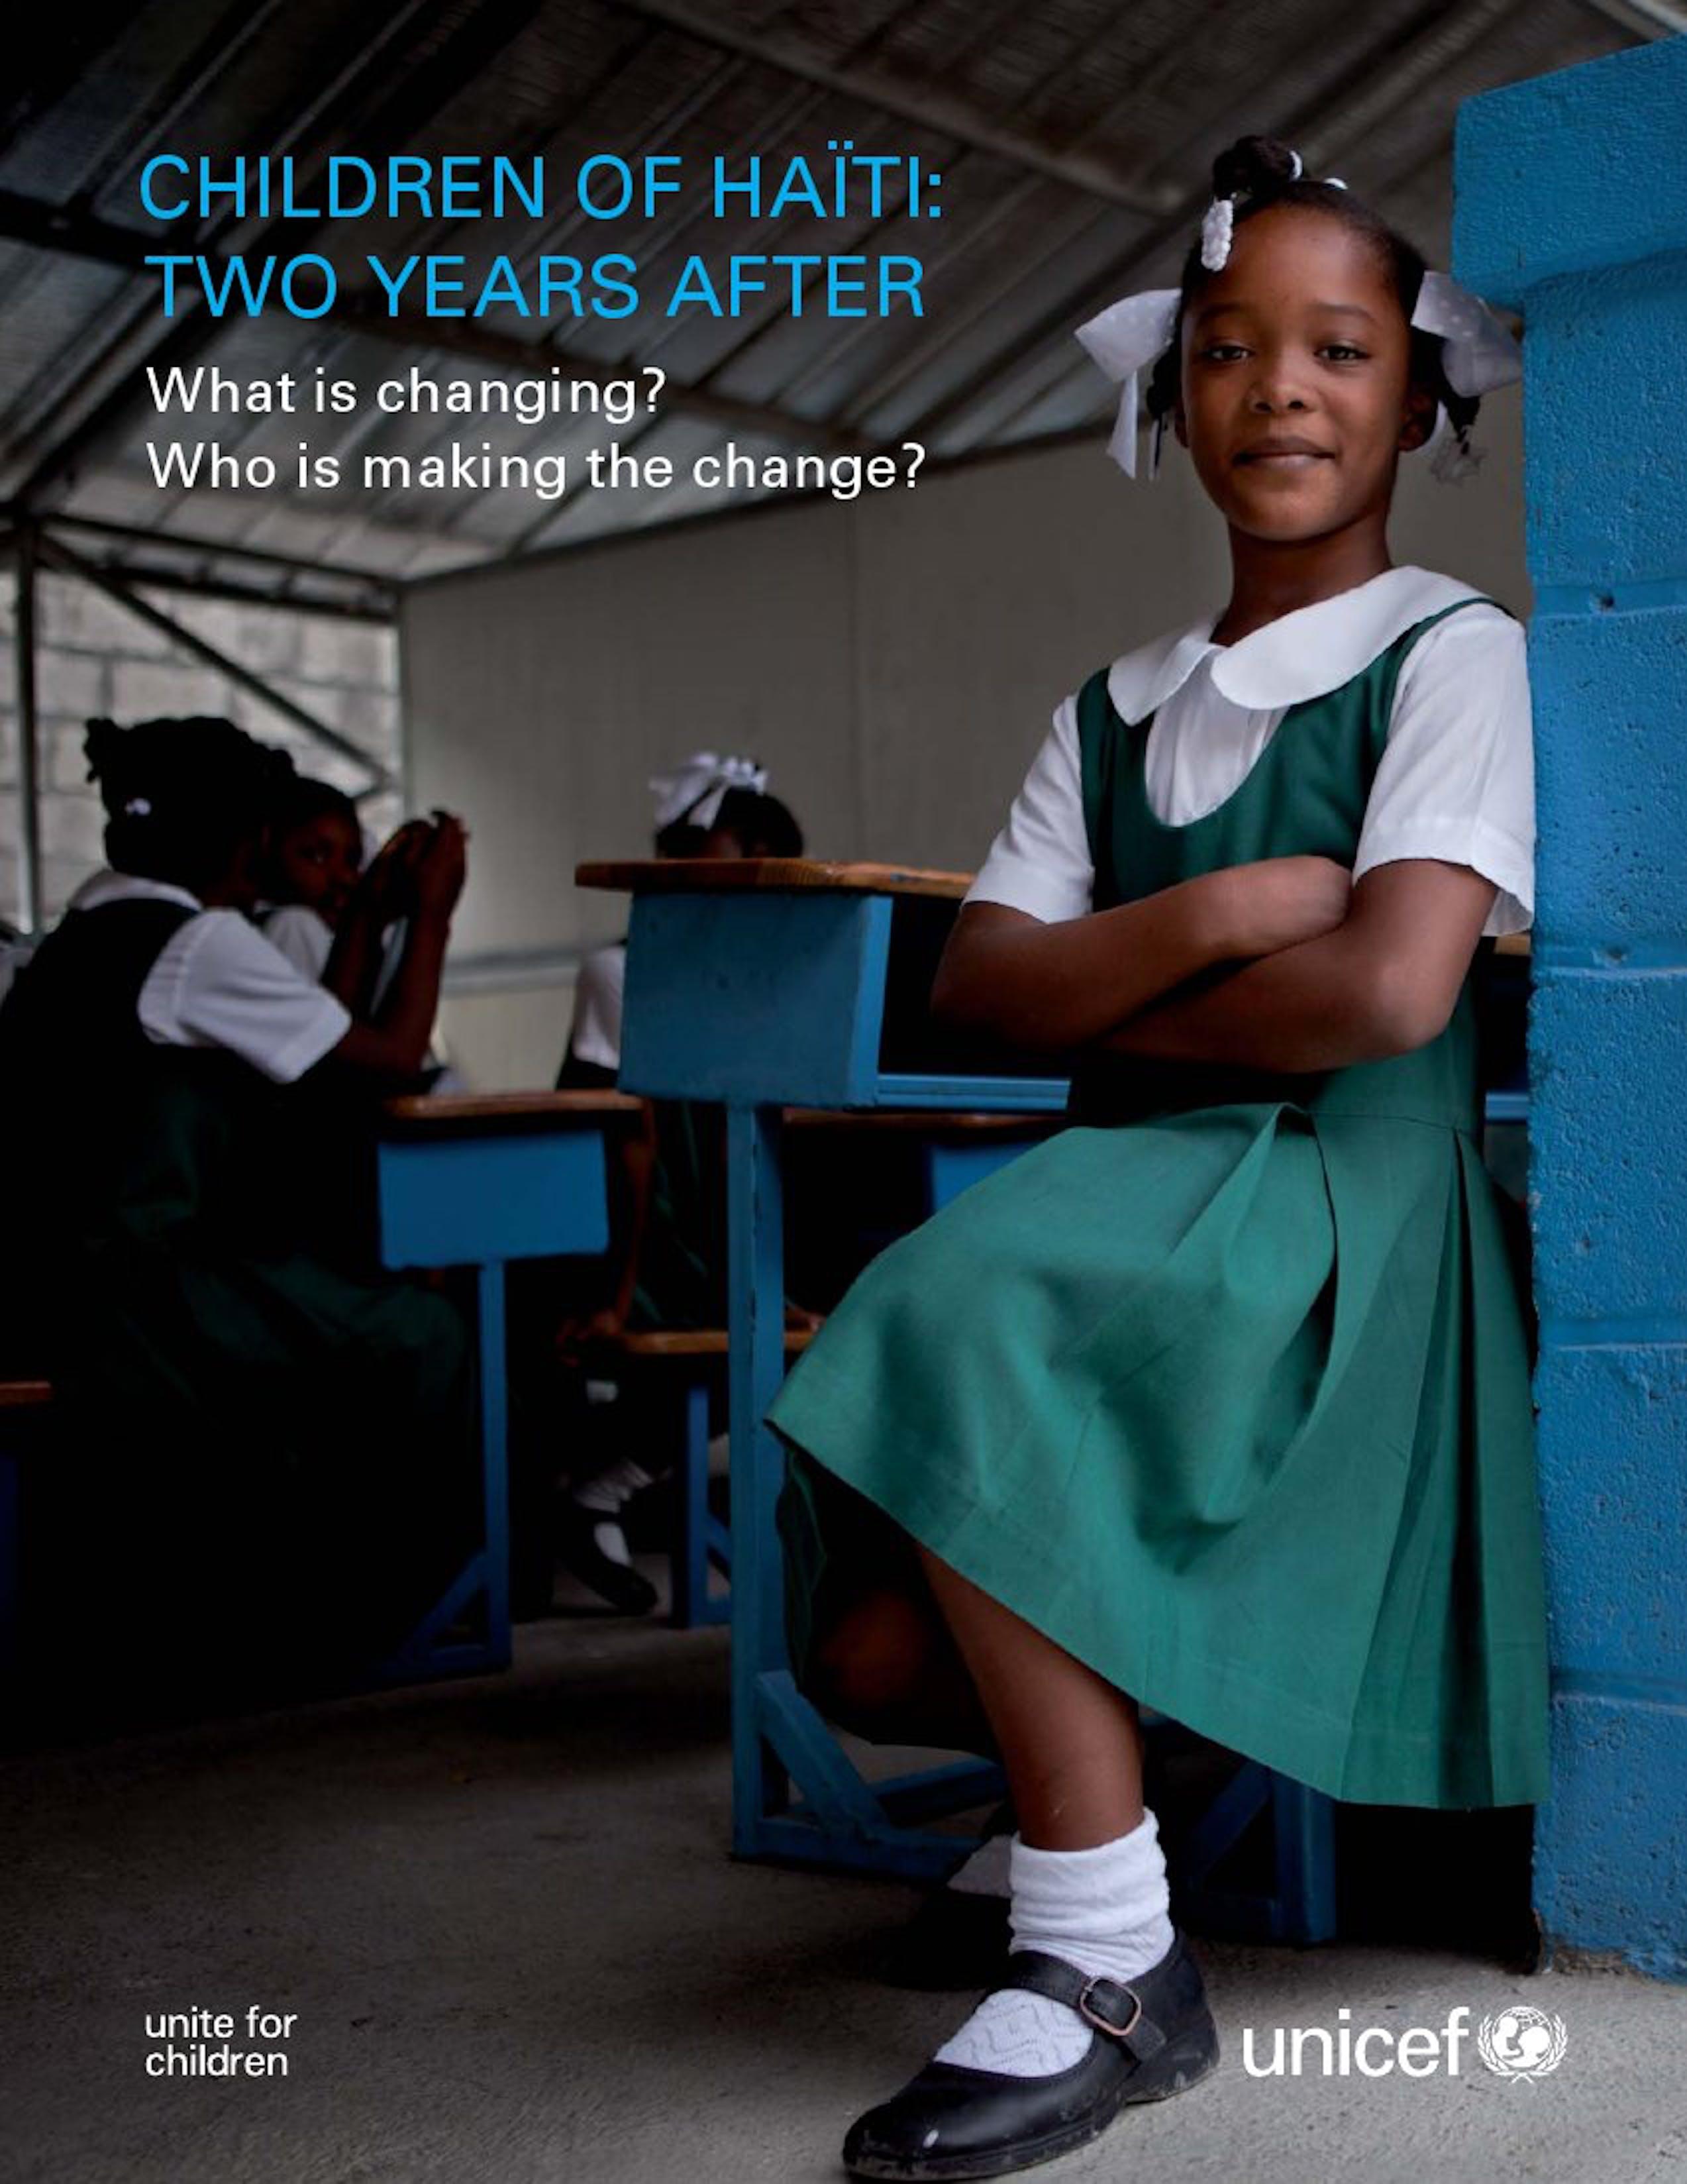 I bambini di Haiti: due anni dopo